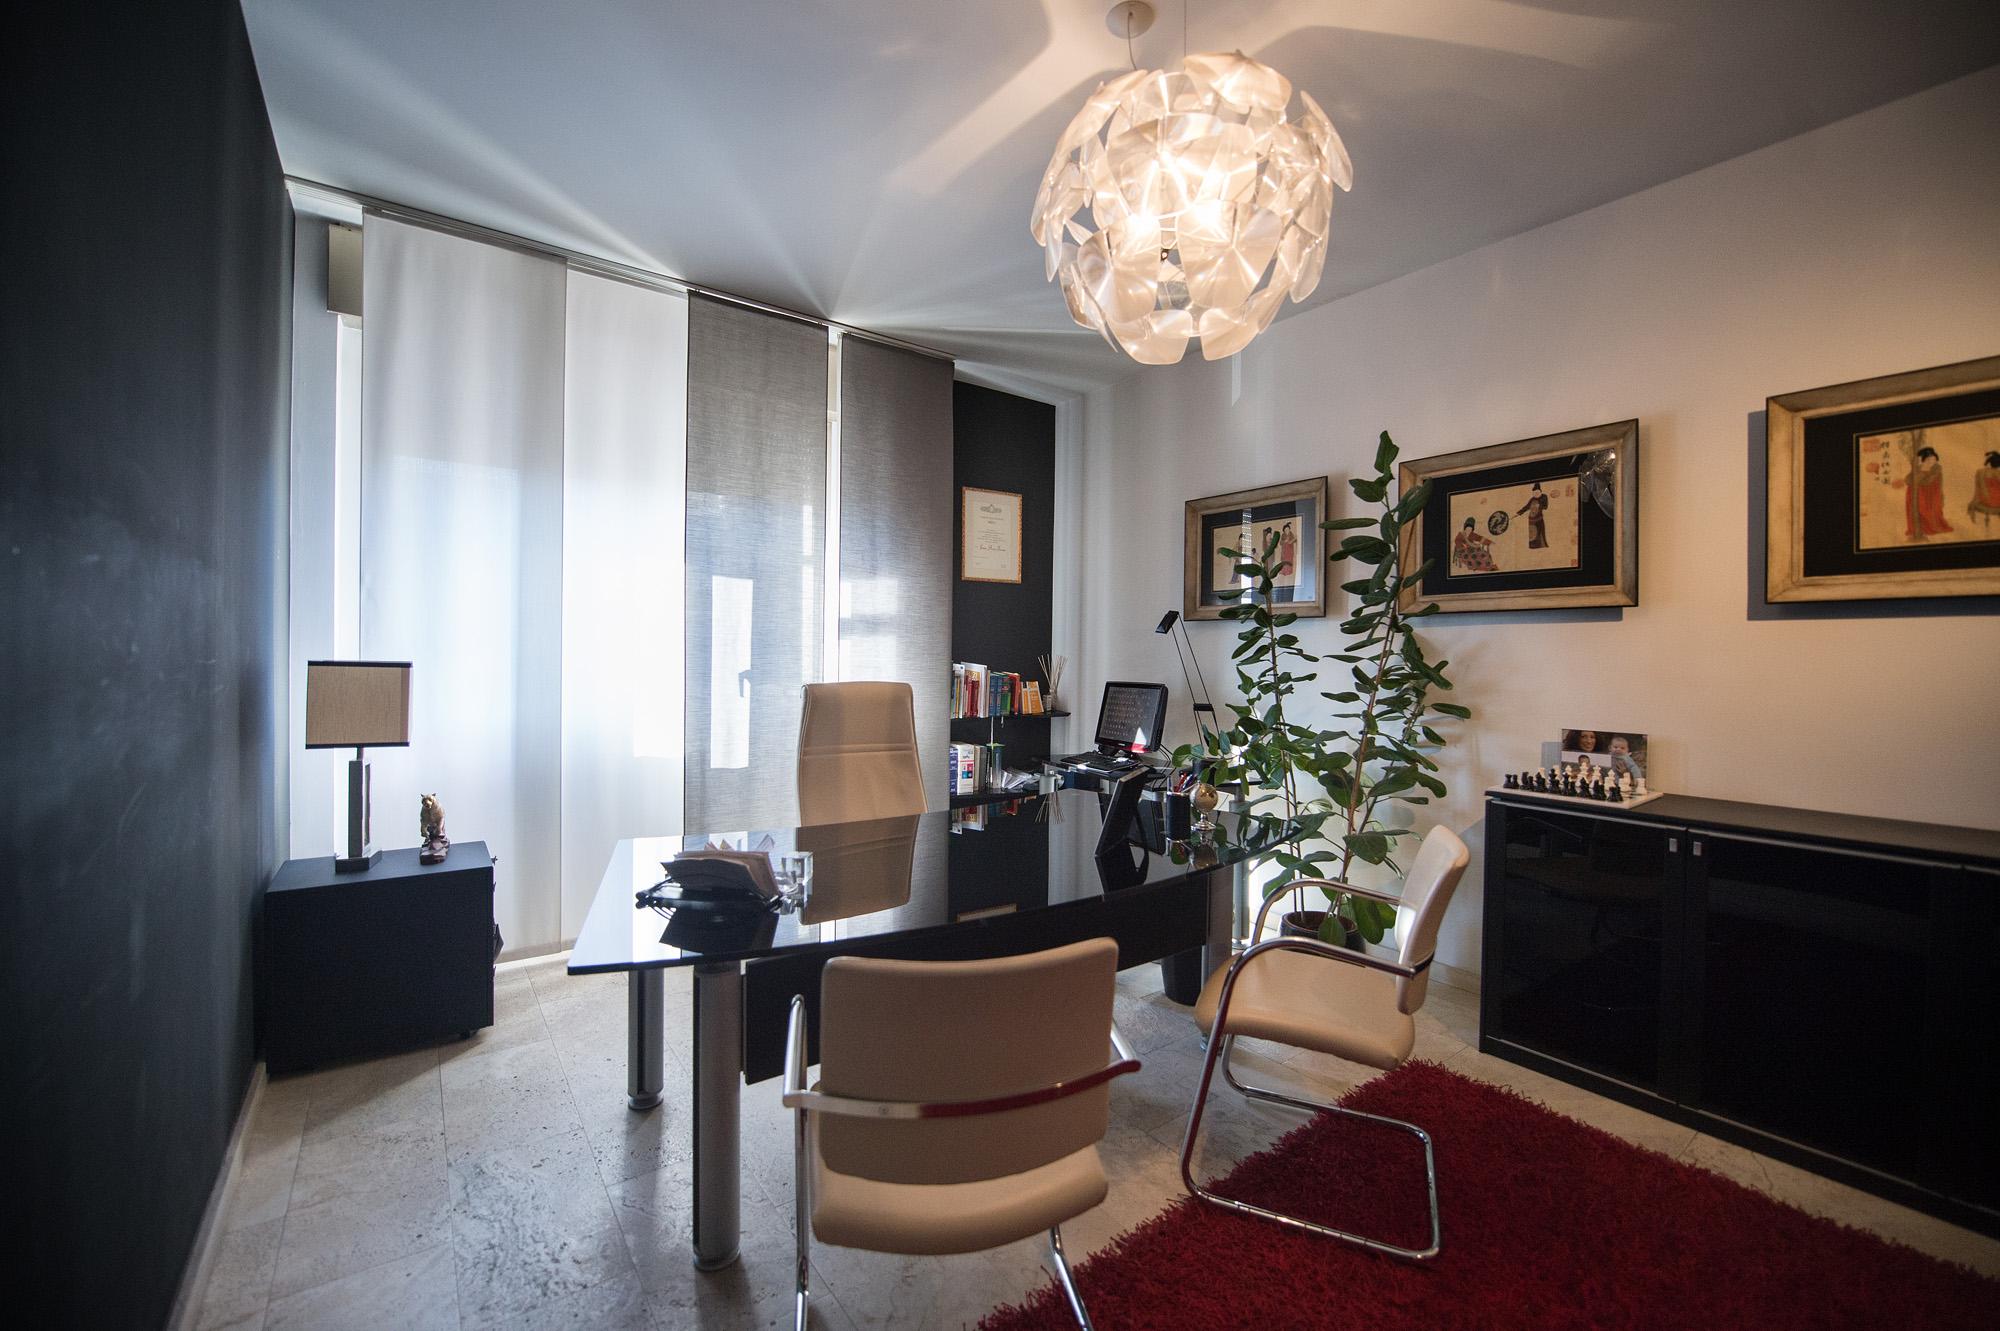 Cristallo hit mobili arredamenti per uffici prato toscana for Mobili da studio